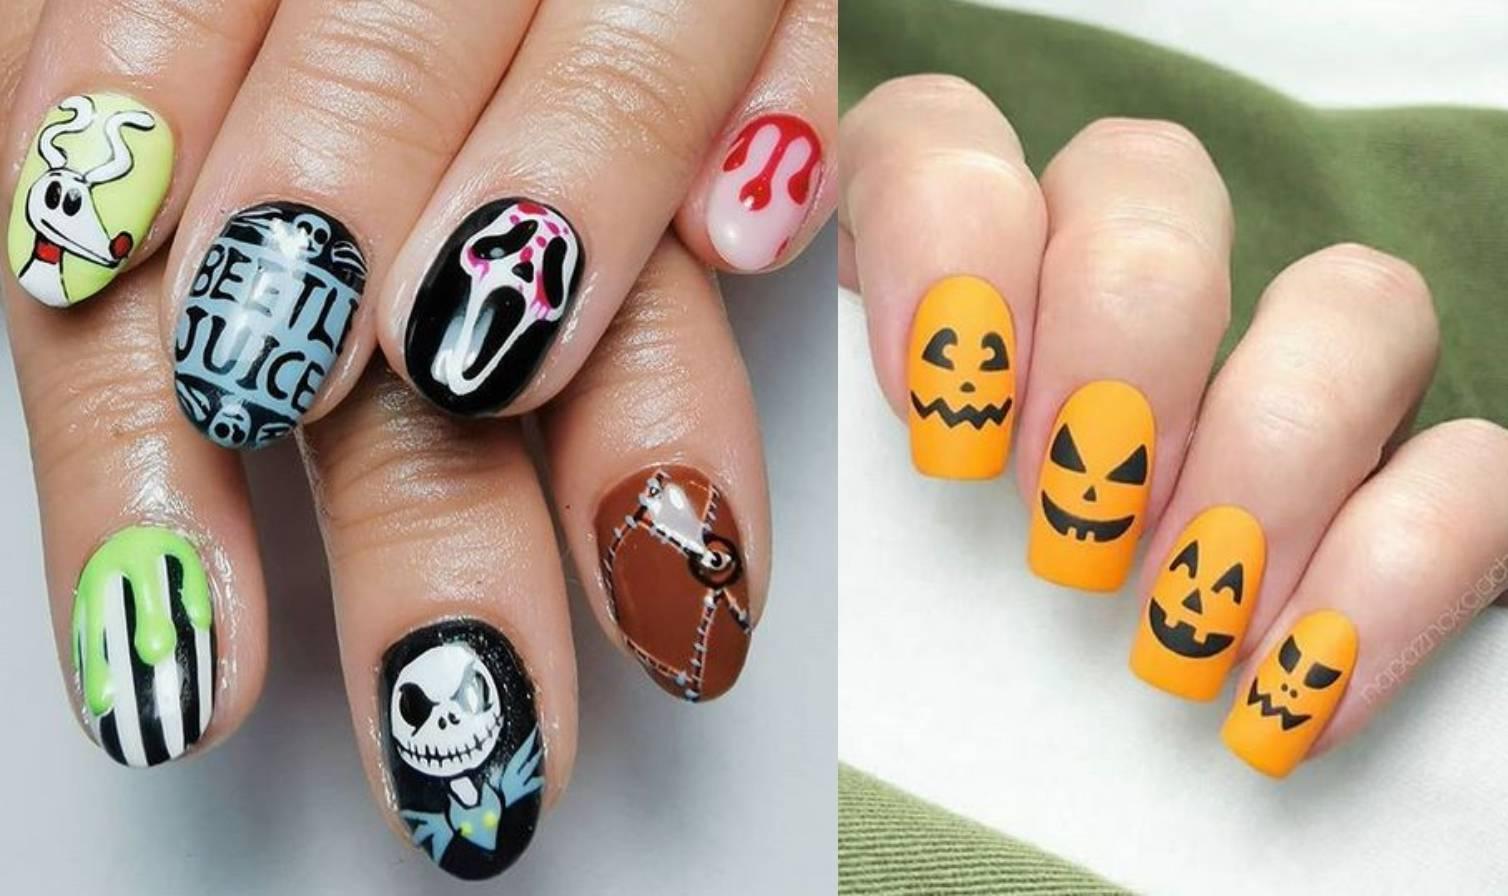 Kreativne manikure: 10 ideja za nokte na temu Halloweena